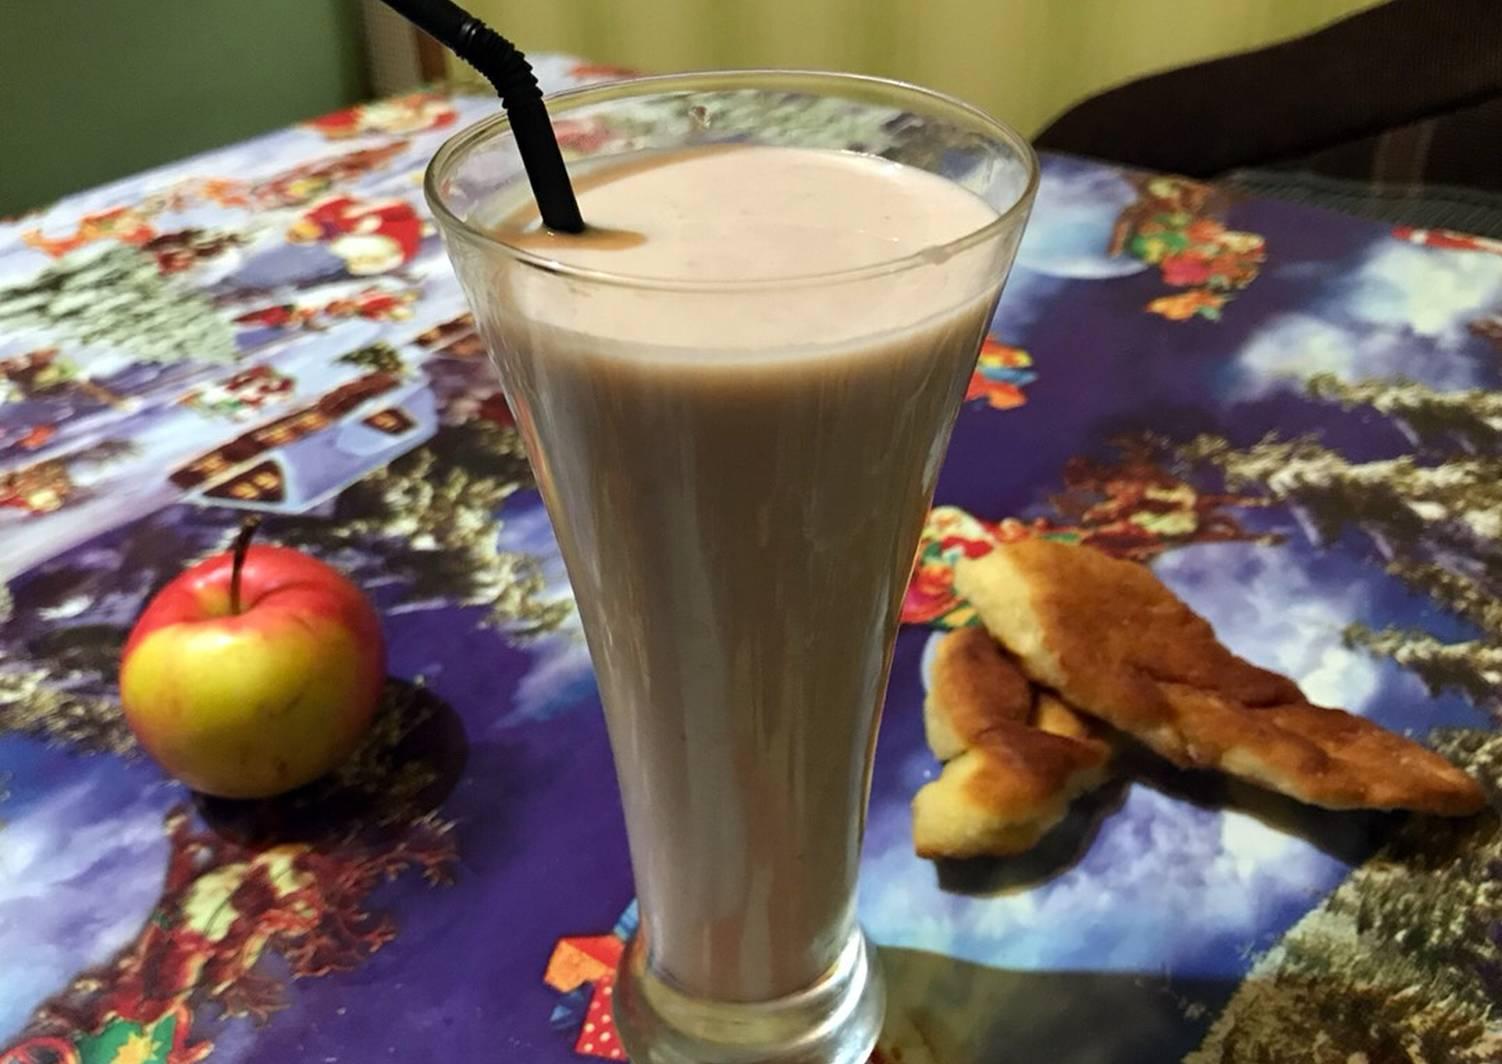 молочный коктейль миньоны рецепт с фото пошагово моему тема